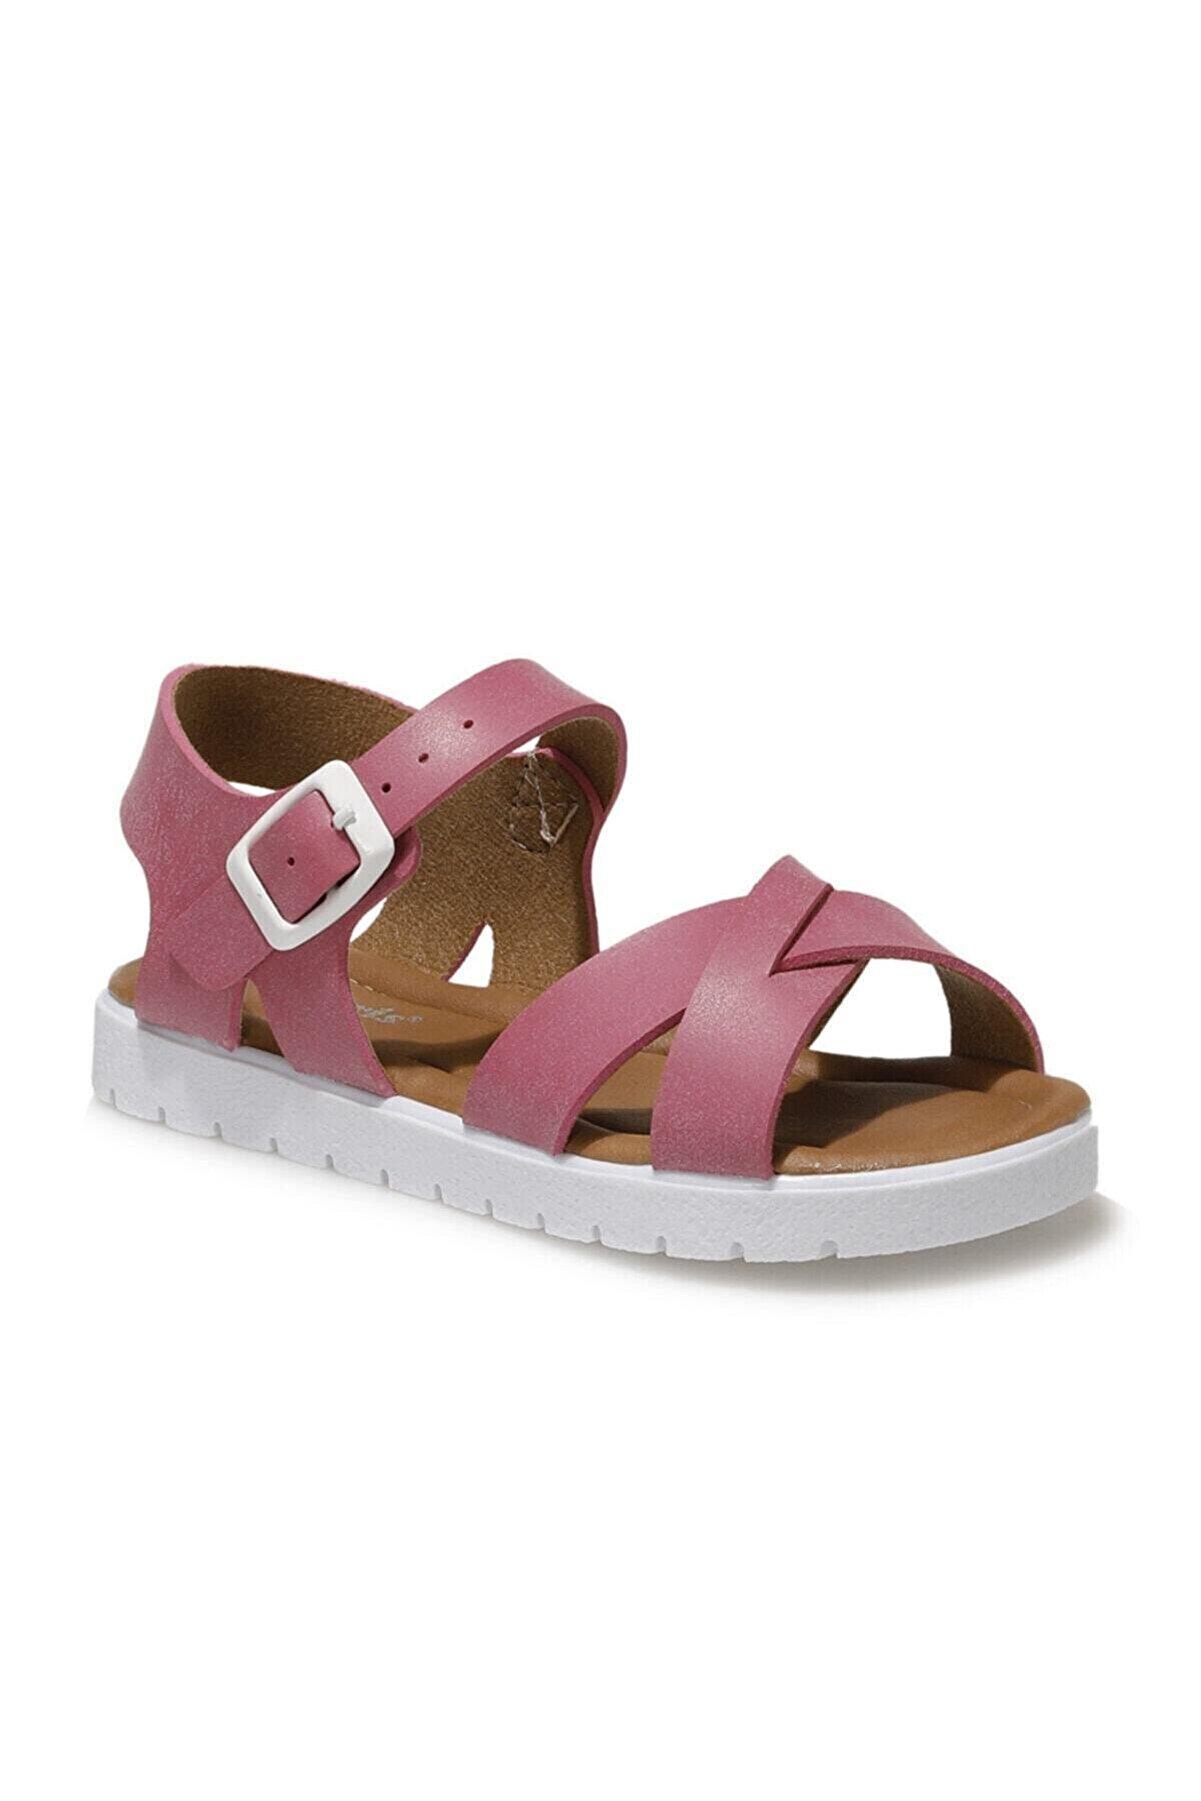 Polaris 508159.P1FX Fuşya Kız Çocuk Sandalet 101010673